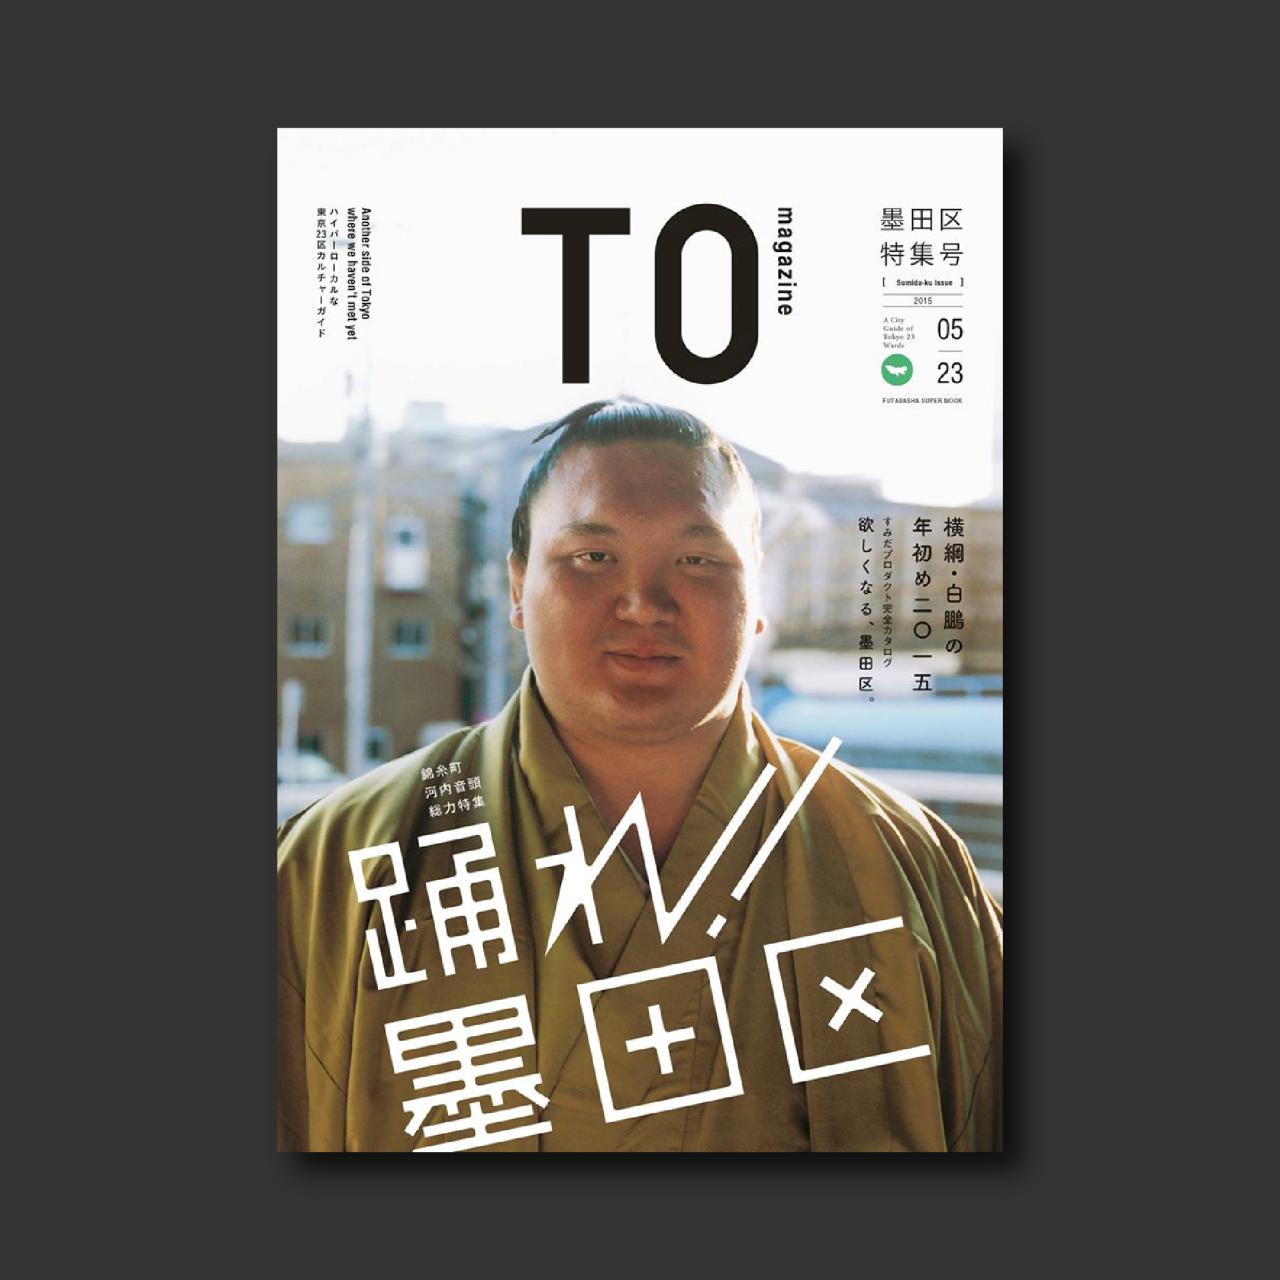 青年旅社logo_作為這本雜誌的頭號粉絲,每一期都一定要大推才行哪!以 ...